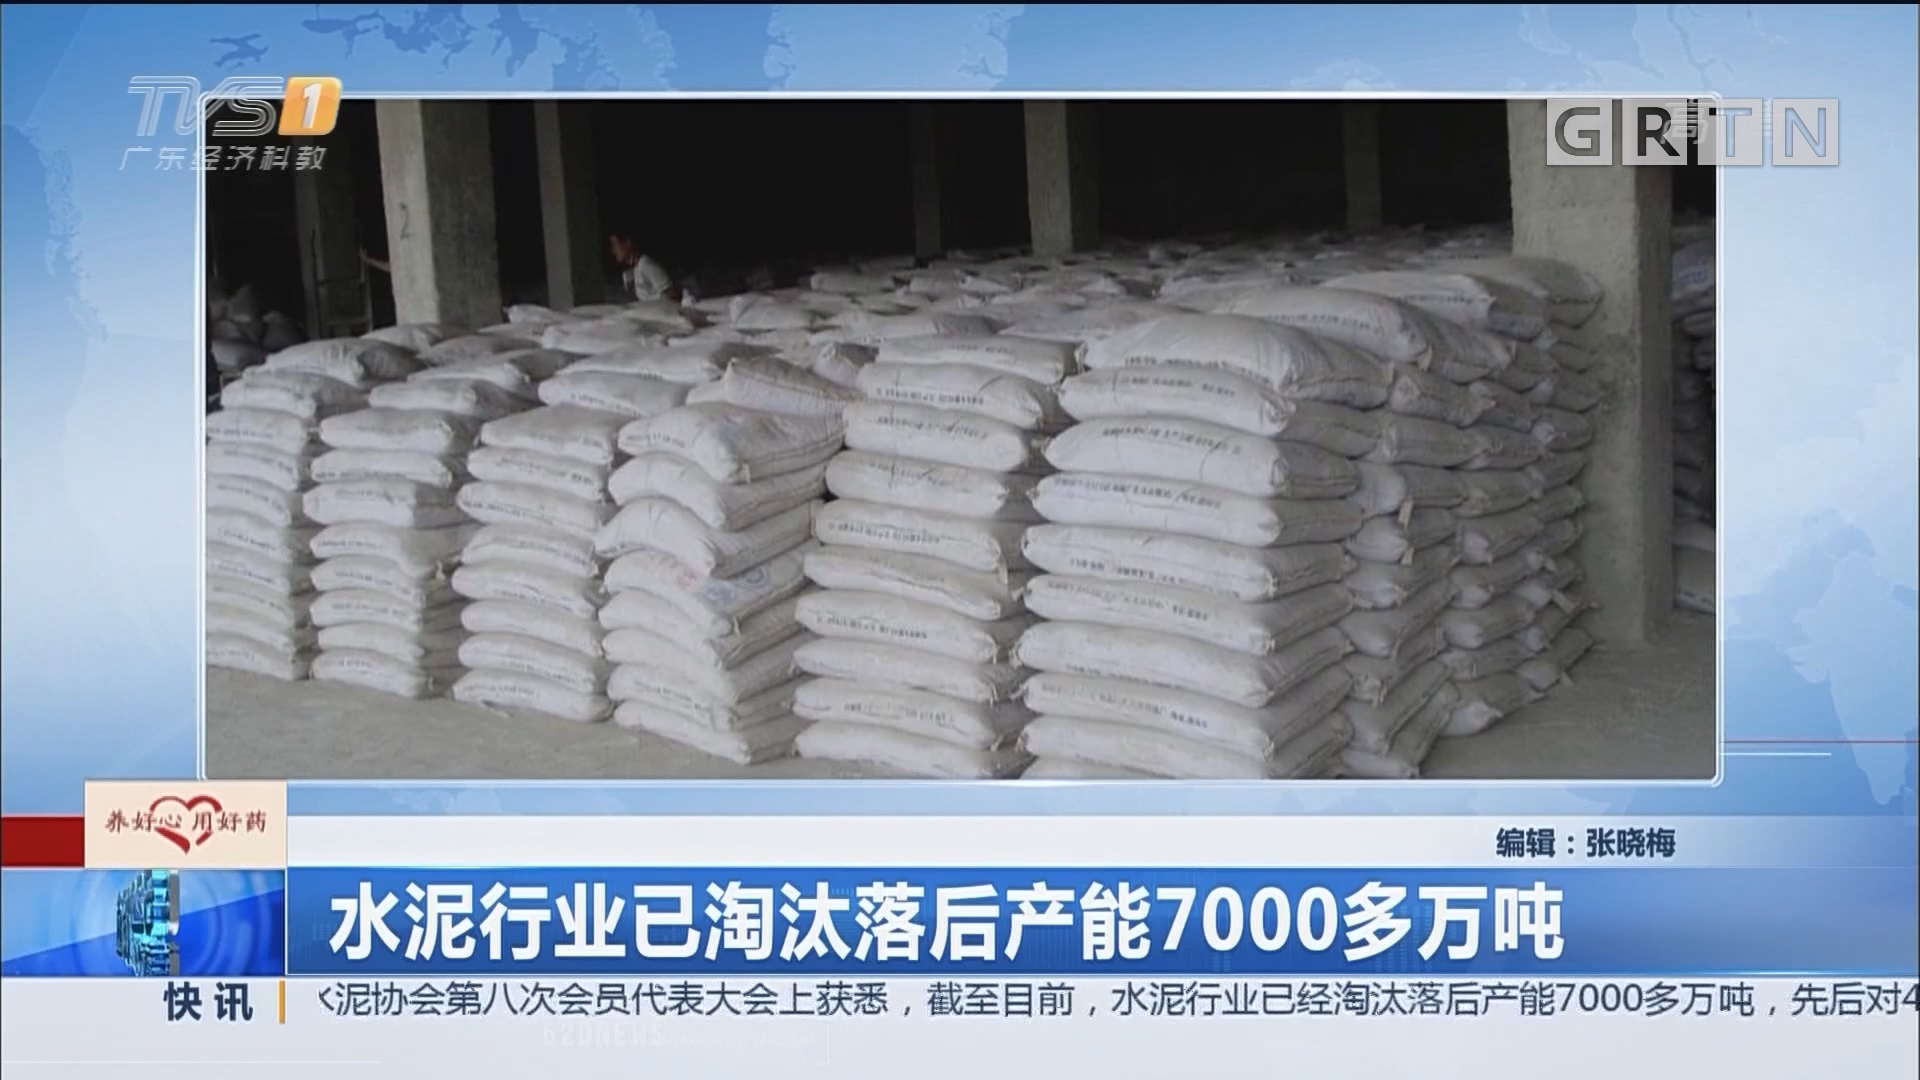 水泥行业已淘汰落后产能7000多万吨